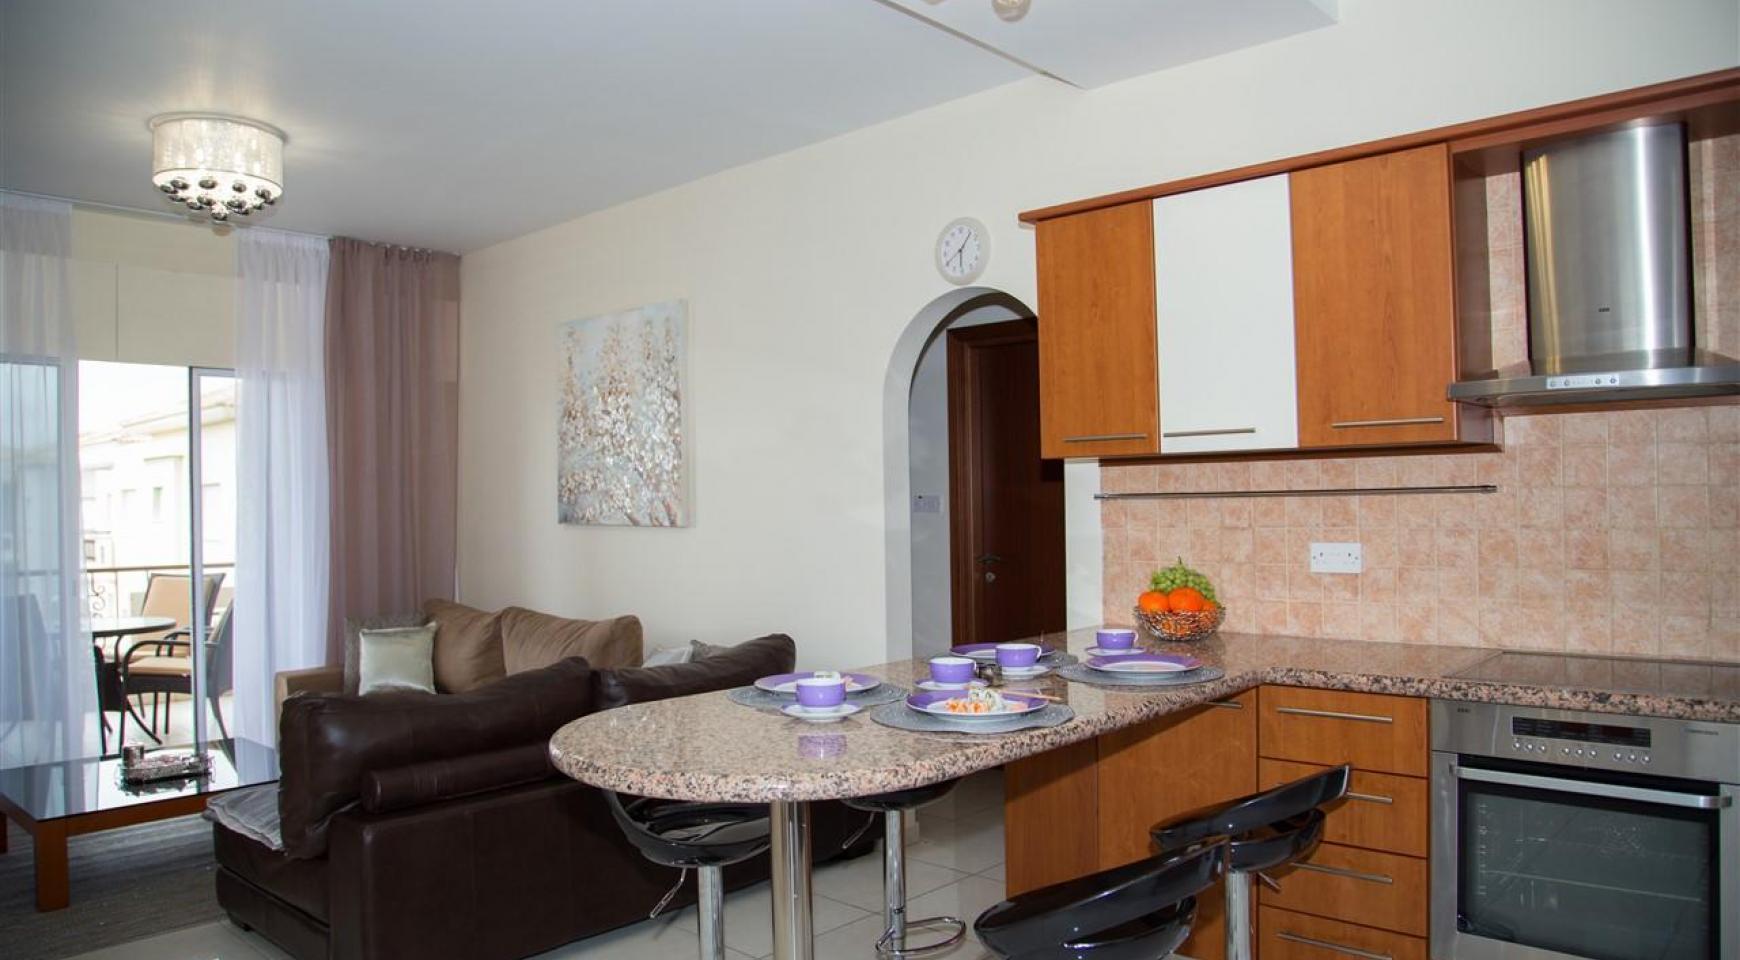 """2-Спальная Квартира - Люкс """"Mesogios Iris 304"""" в Туристической Зоне возле Моря - 11"""